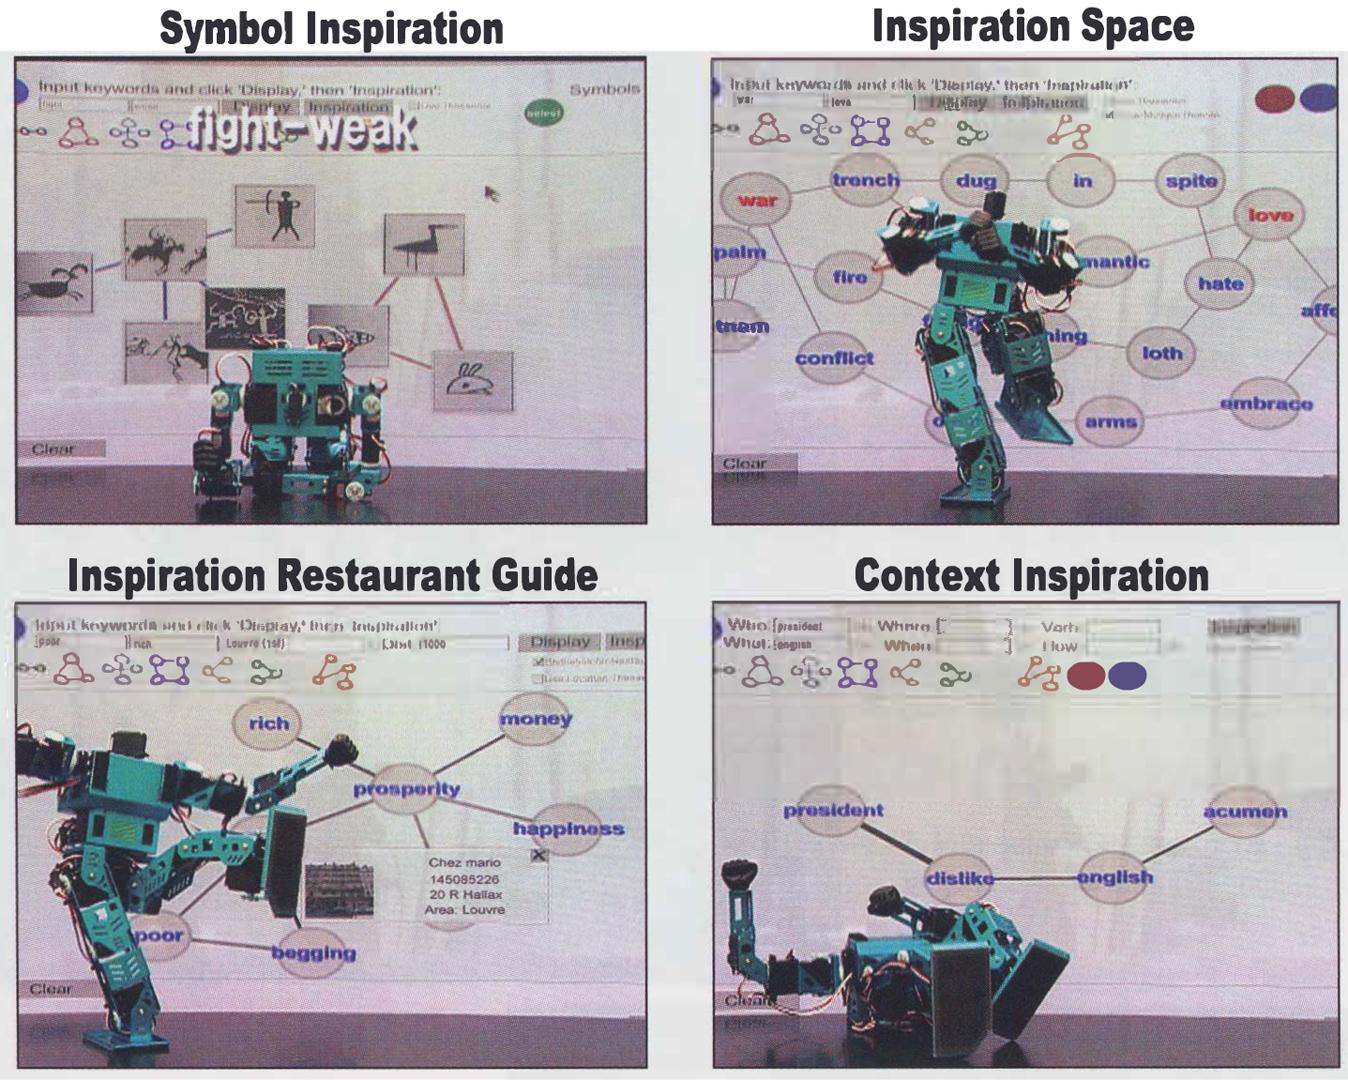 ©2005, Seigow Matsuoka and Naoko Tosa, Inspiration Computing Robot